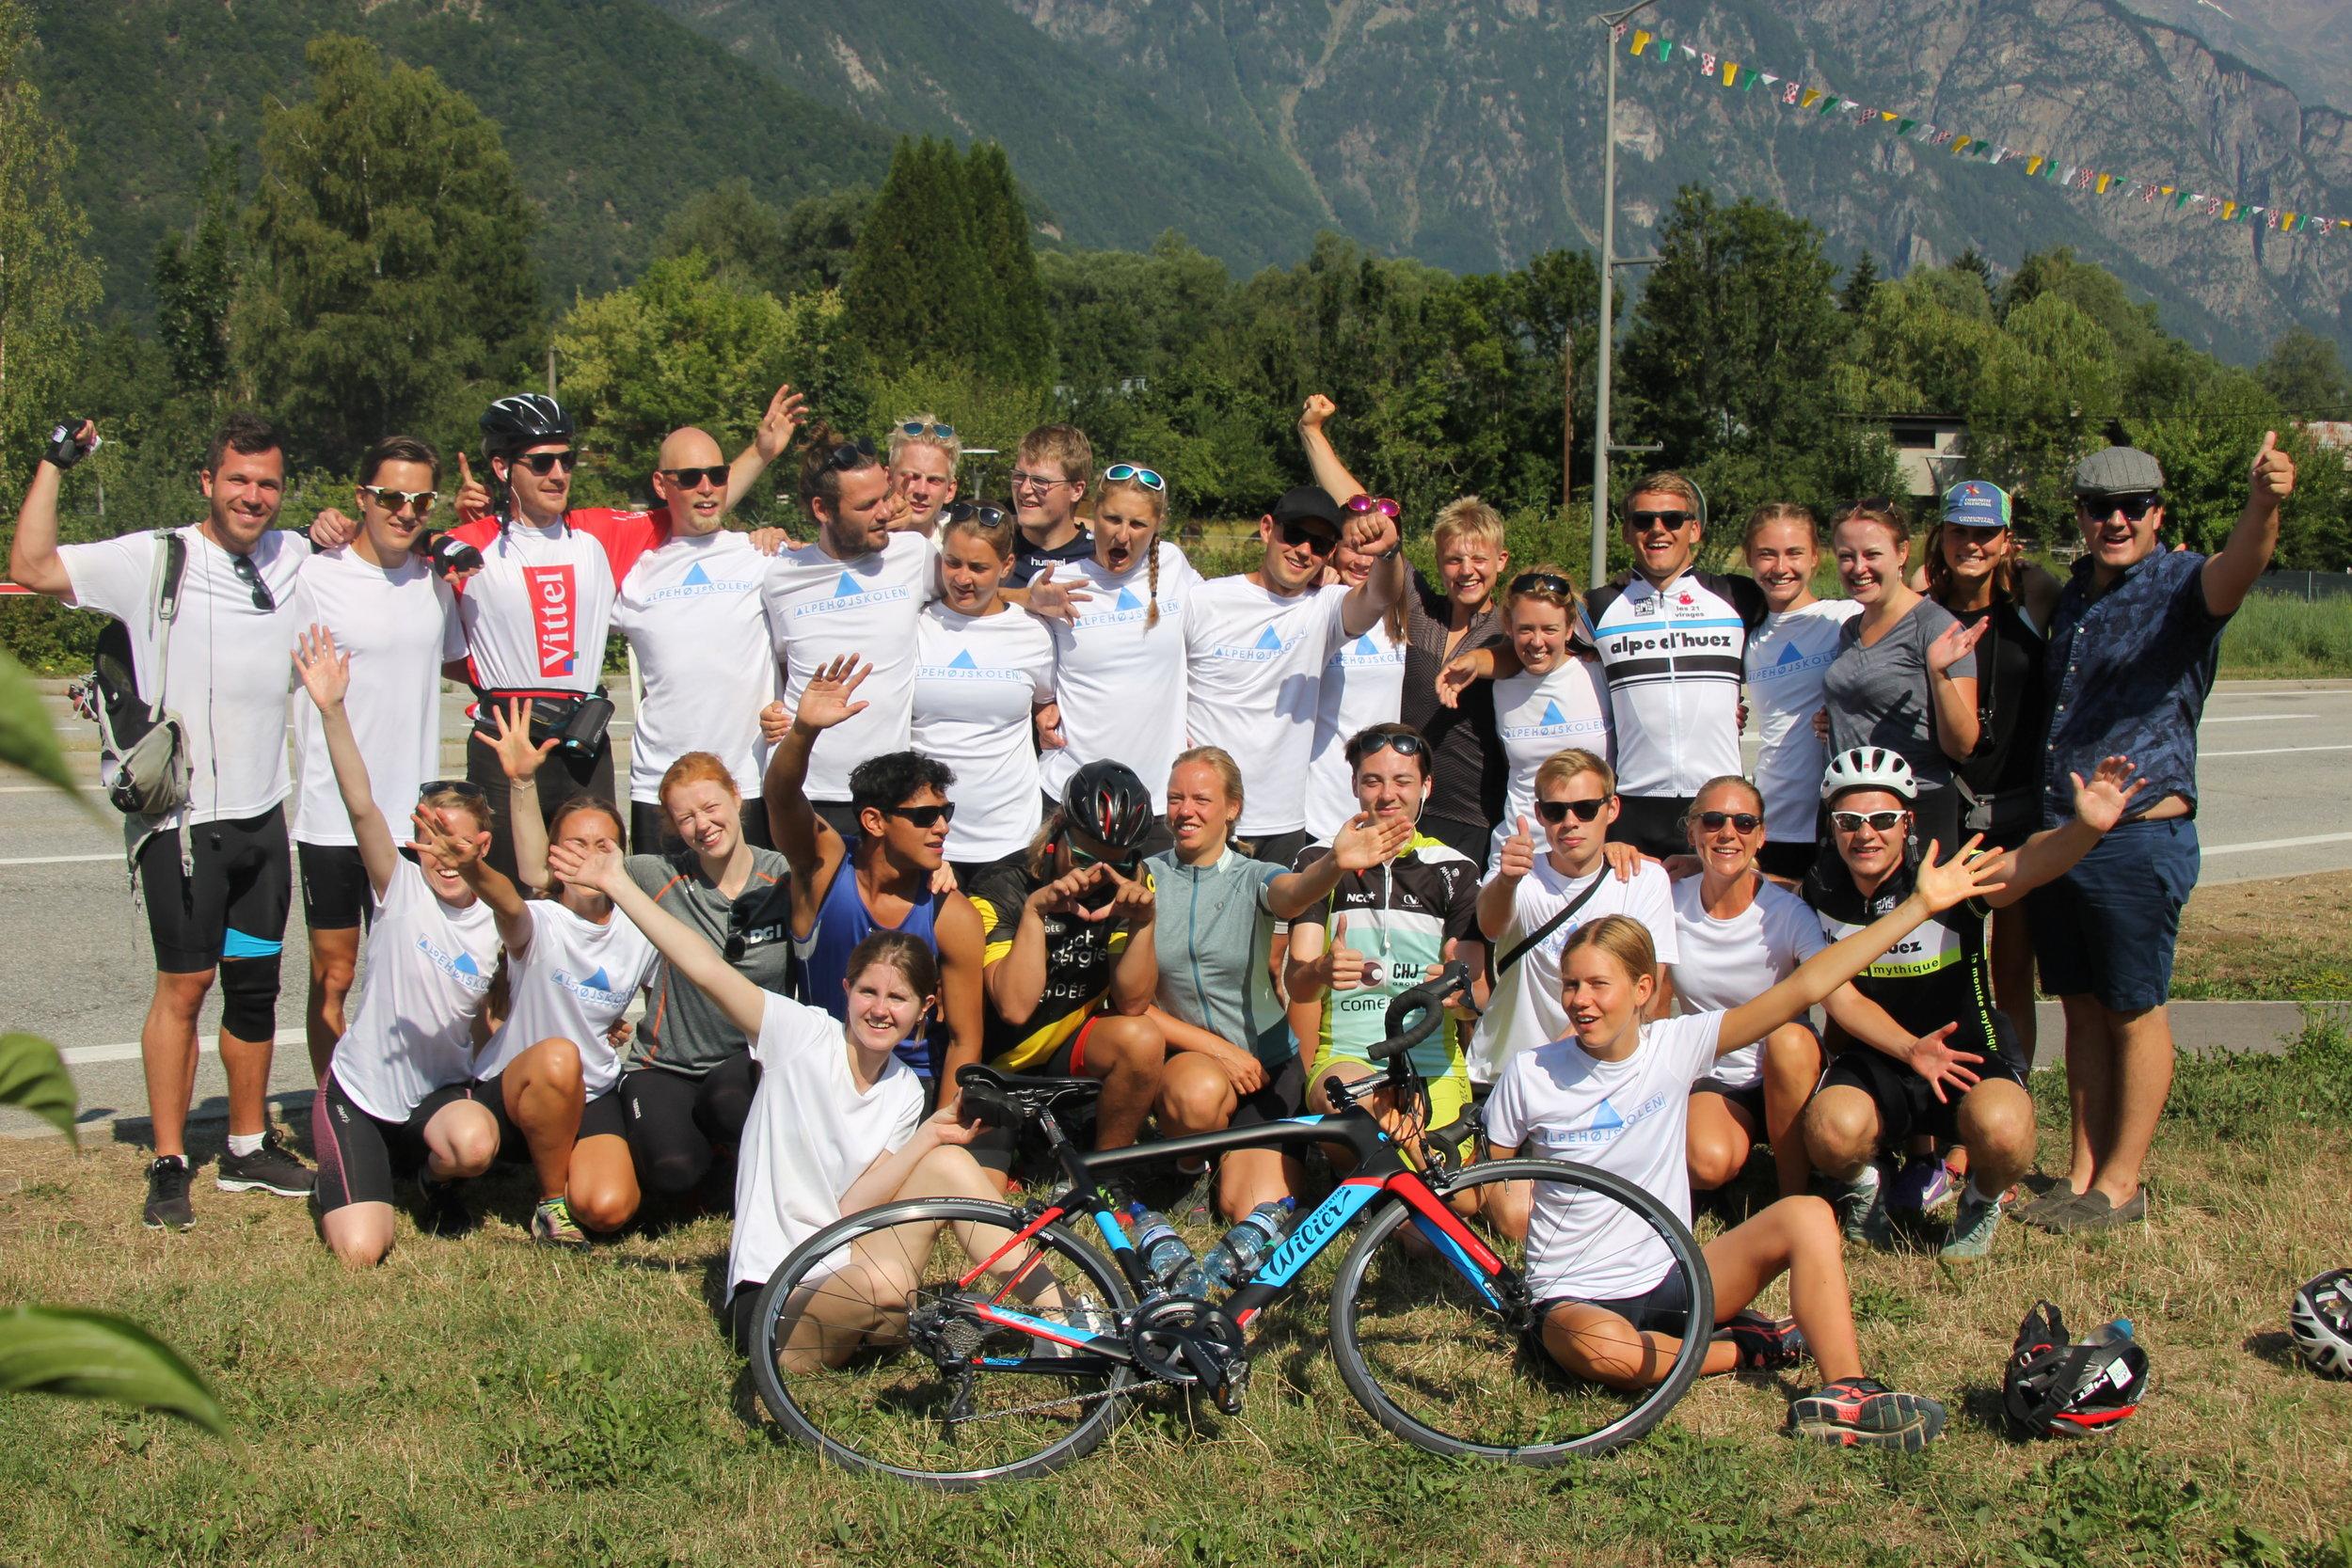 Adventuresport i sommerferien |  Sommerhøjskole med Alpehøjskolen - en højskole i udlandet |  Tour De France